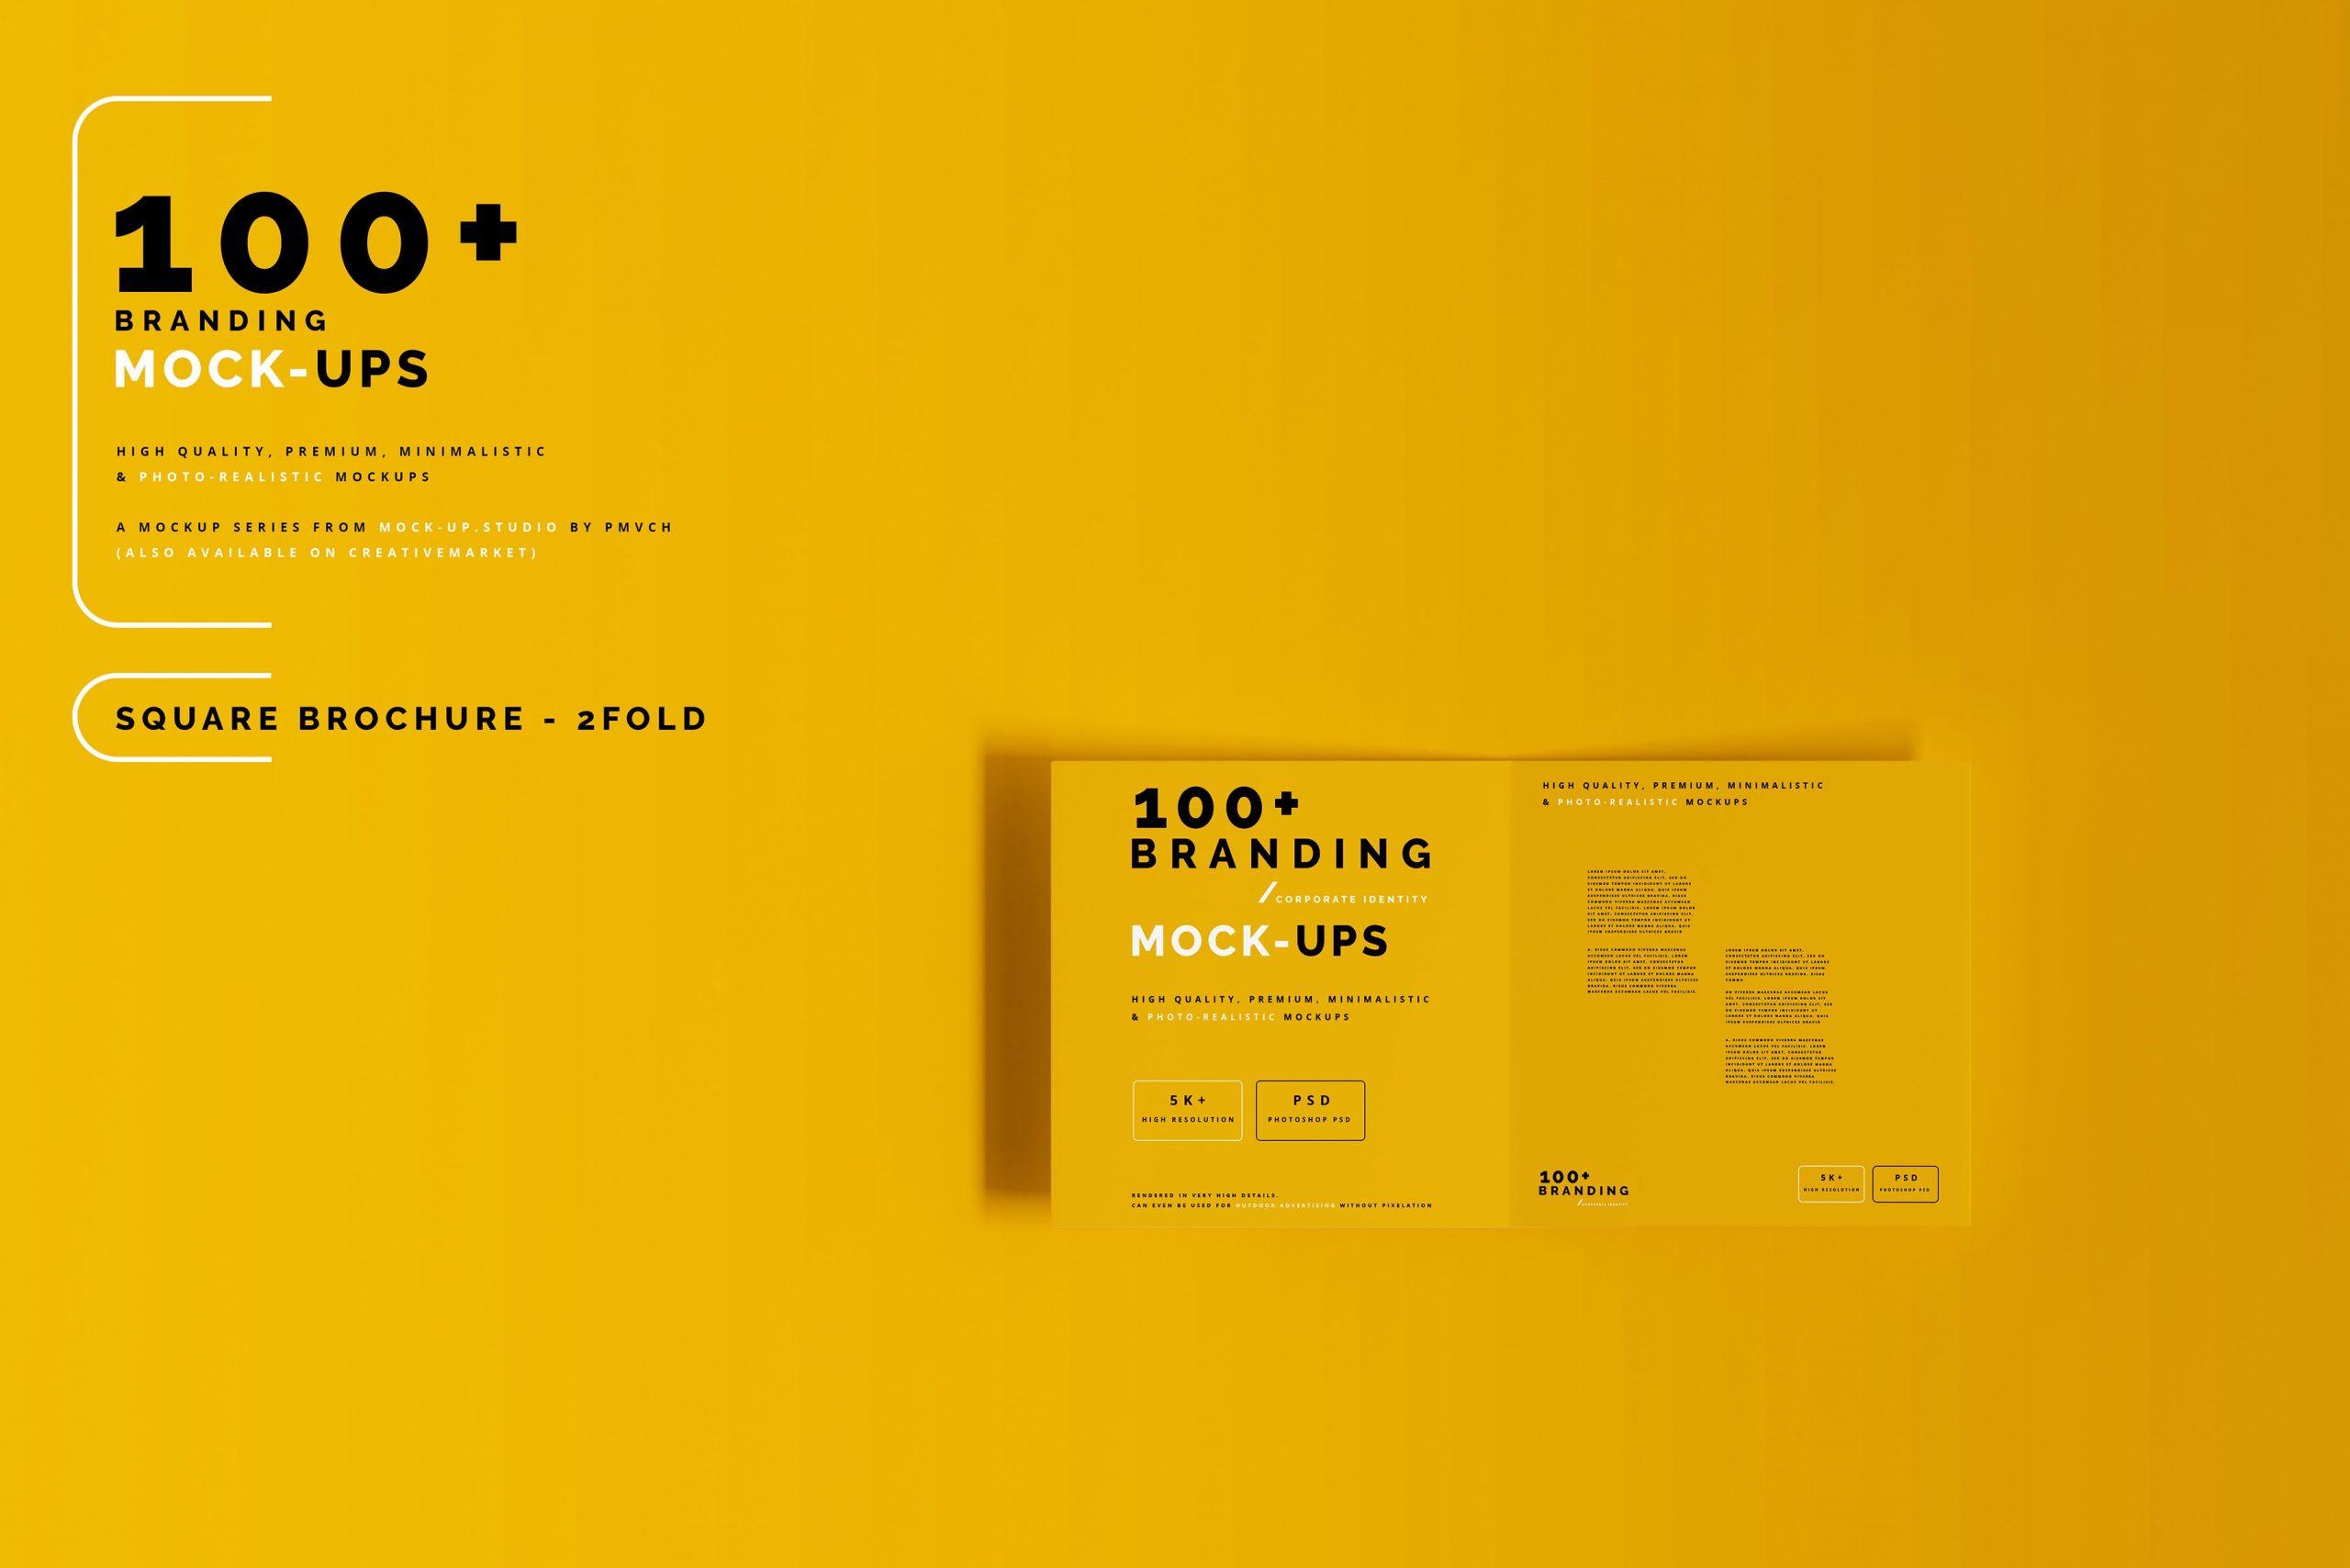 VI样机:100多个宣传册书籍瓶子名片CD封套咖啡杯化妆品海报横幅高分辨率品牌PSD样机(4248)插图(14)